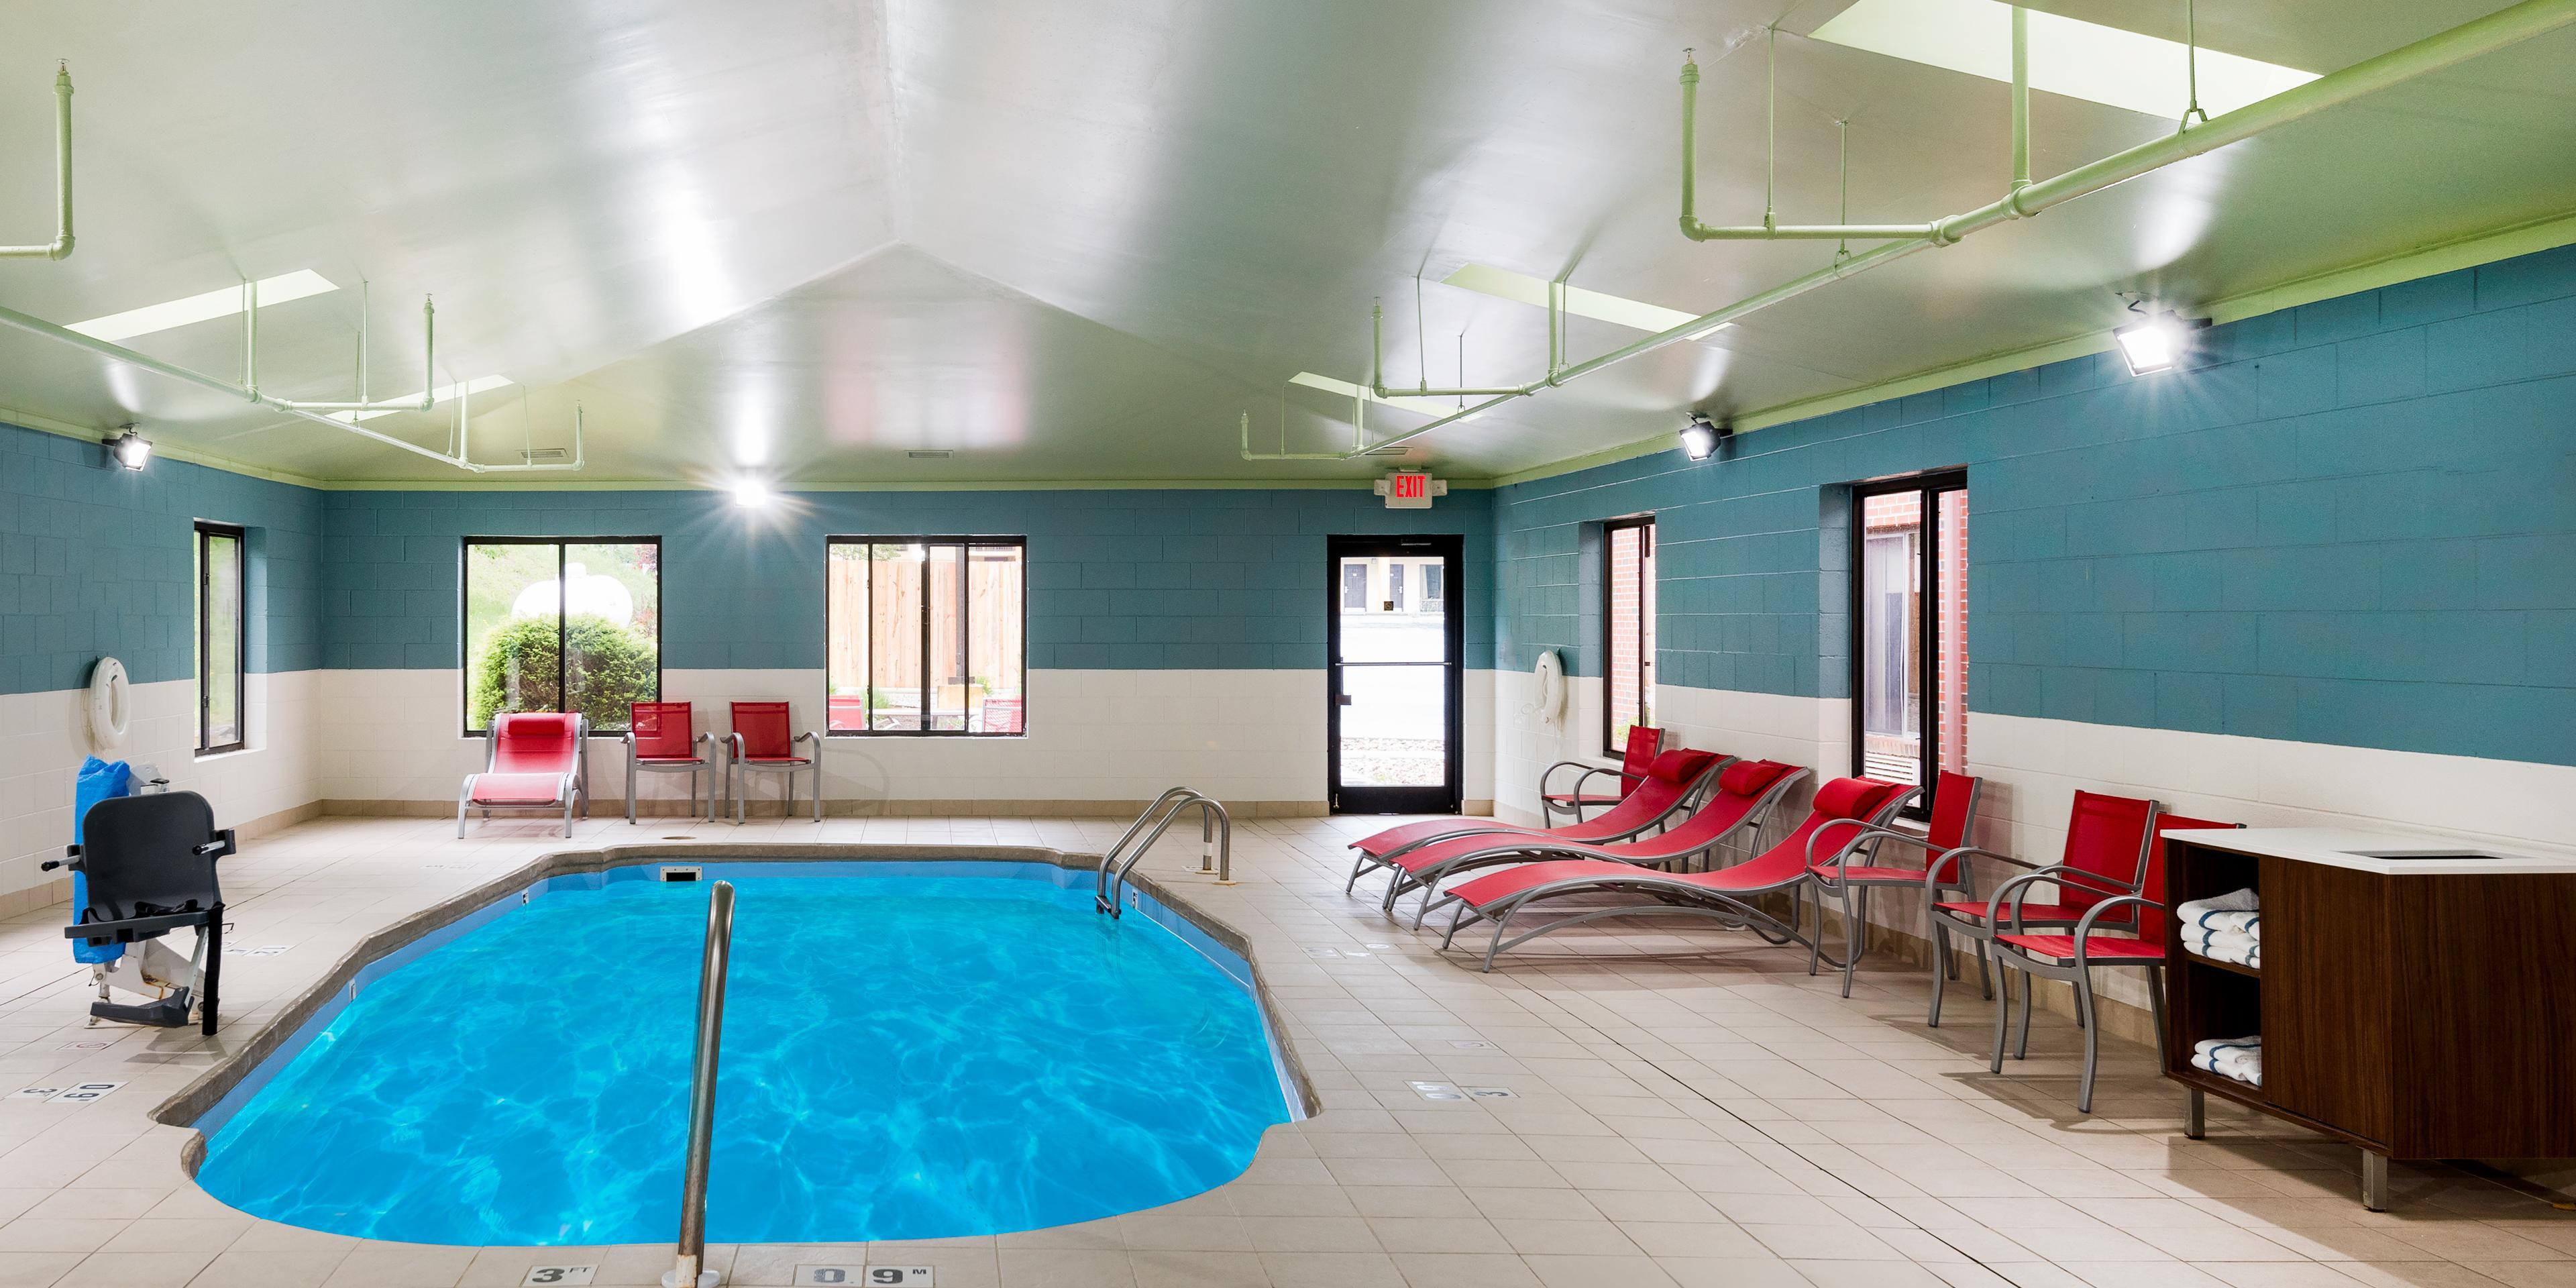 Holiday Inn Express Hillsville 5152837766 2x1